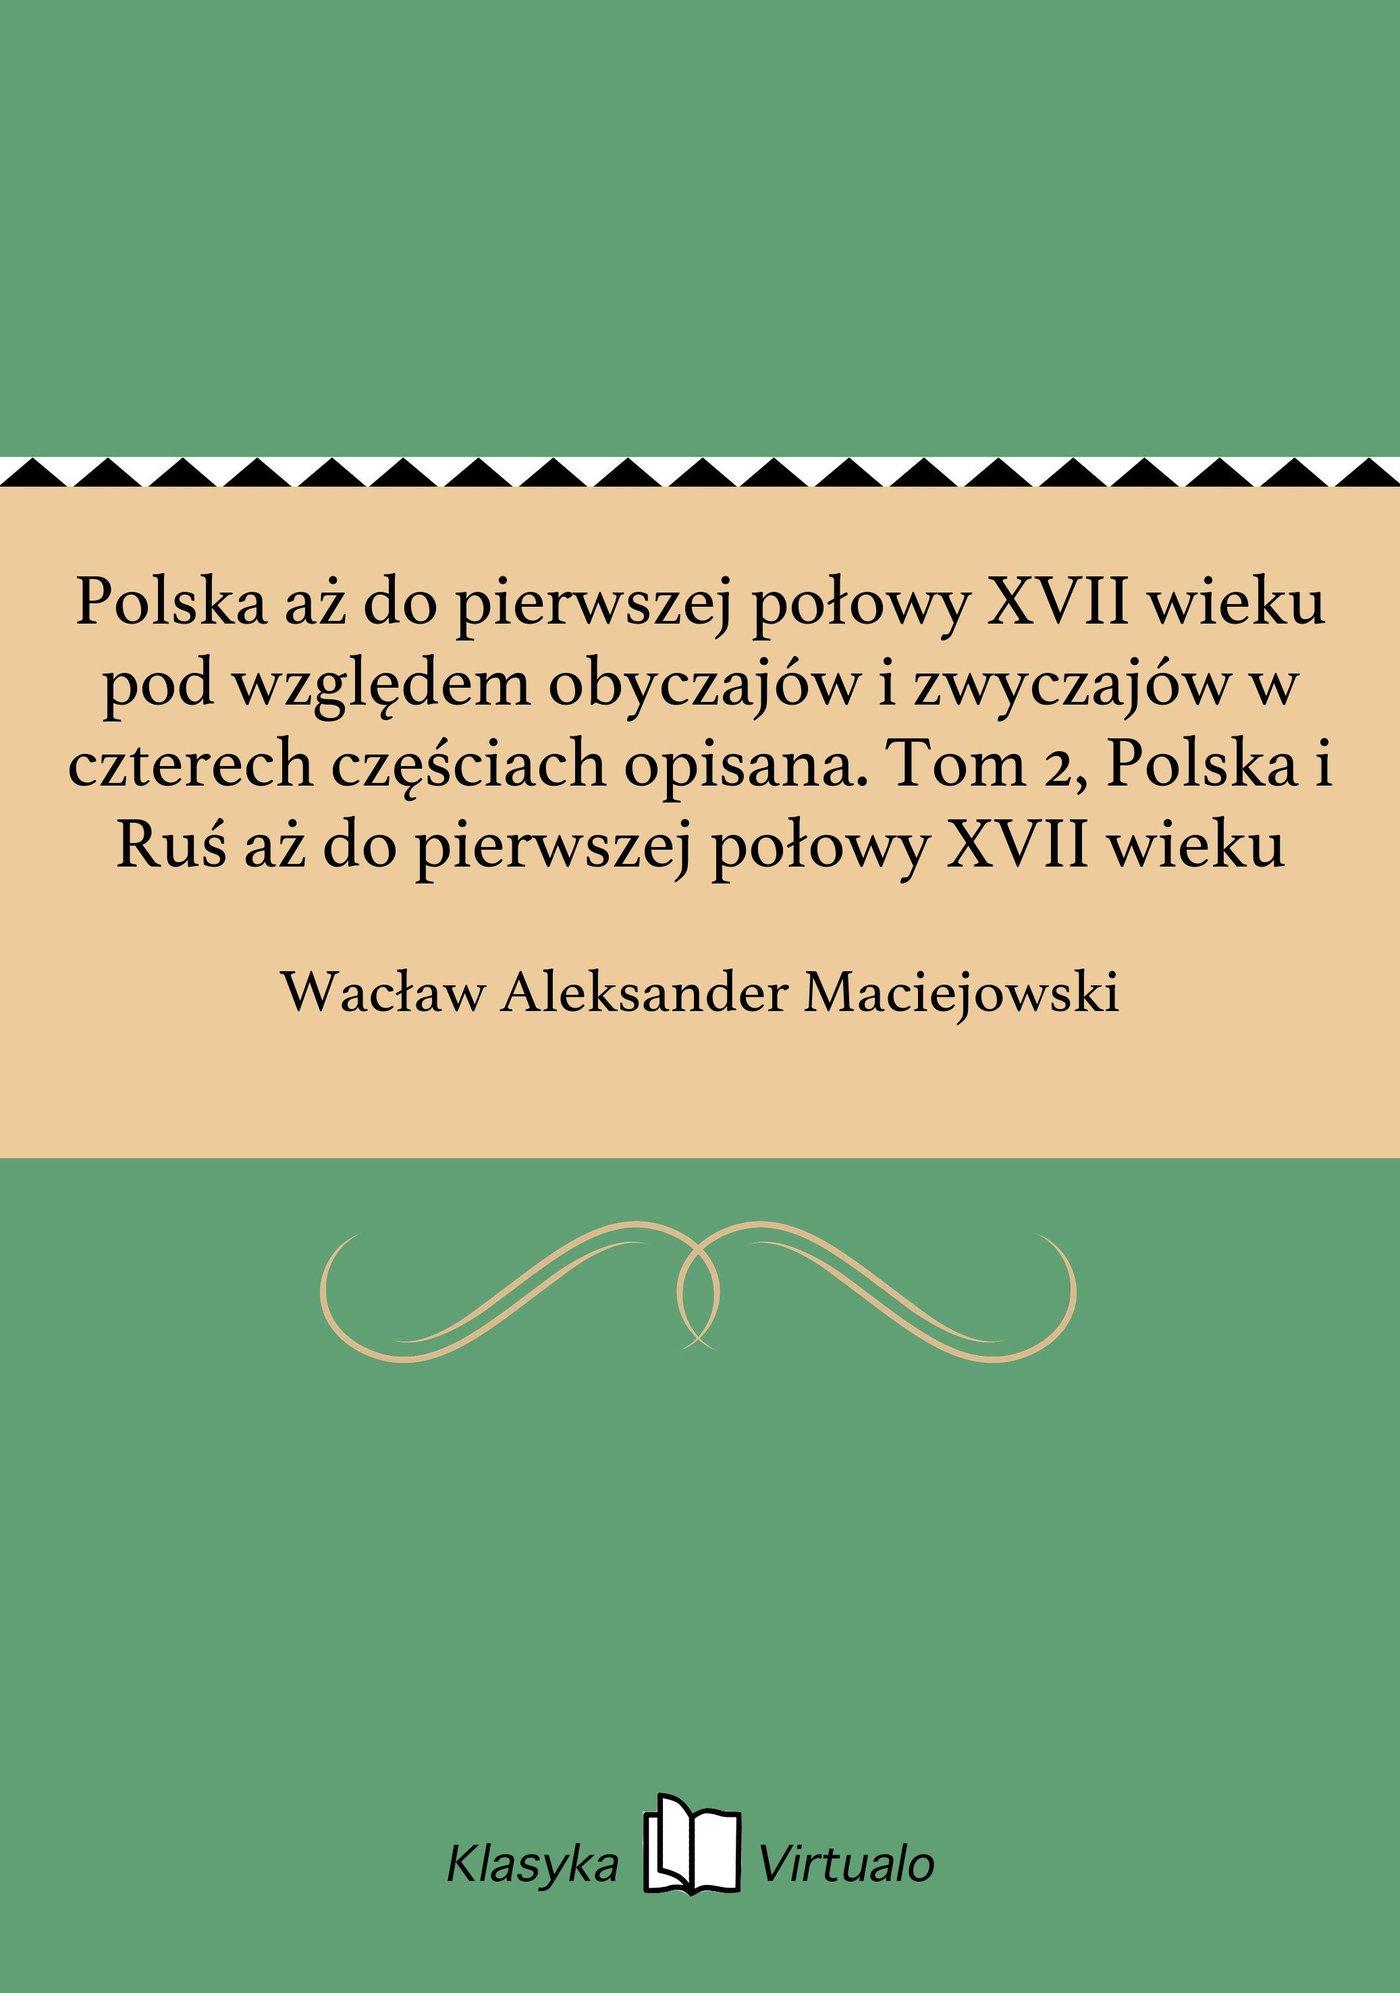 Polska aż do pierwszej połowy XVII wieku pod względem obyczajów i zwyczajów w czterech częściach opisana. Tom 2, Polska i Ruś aż do pierwszej połowy XVII wieku - Ebook (Książka na Kindle) do pobrania w formacie MOBI